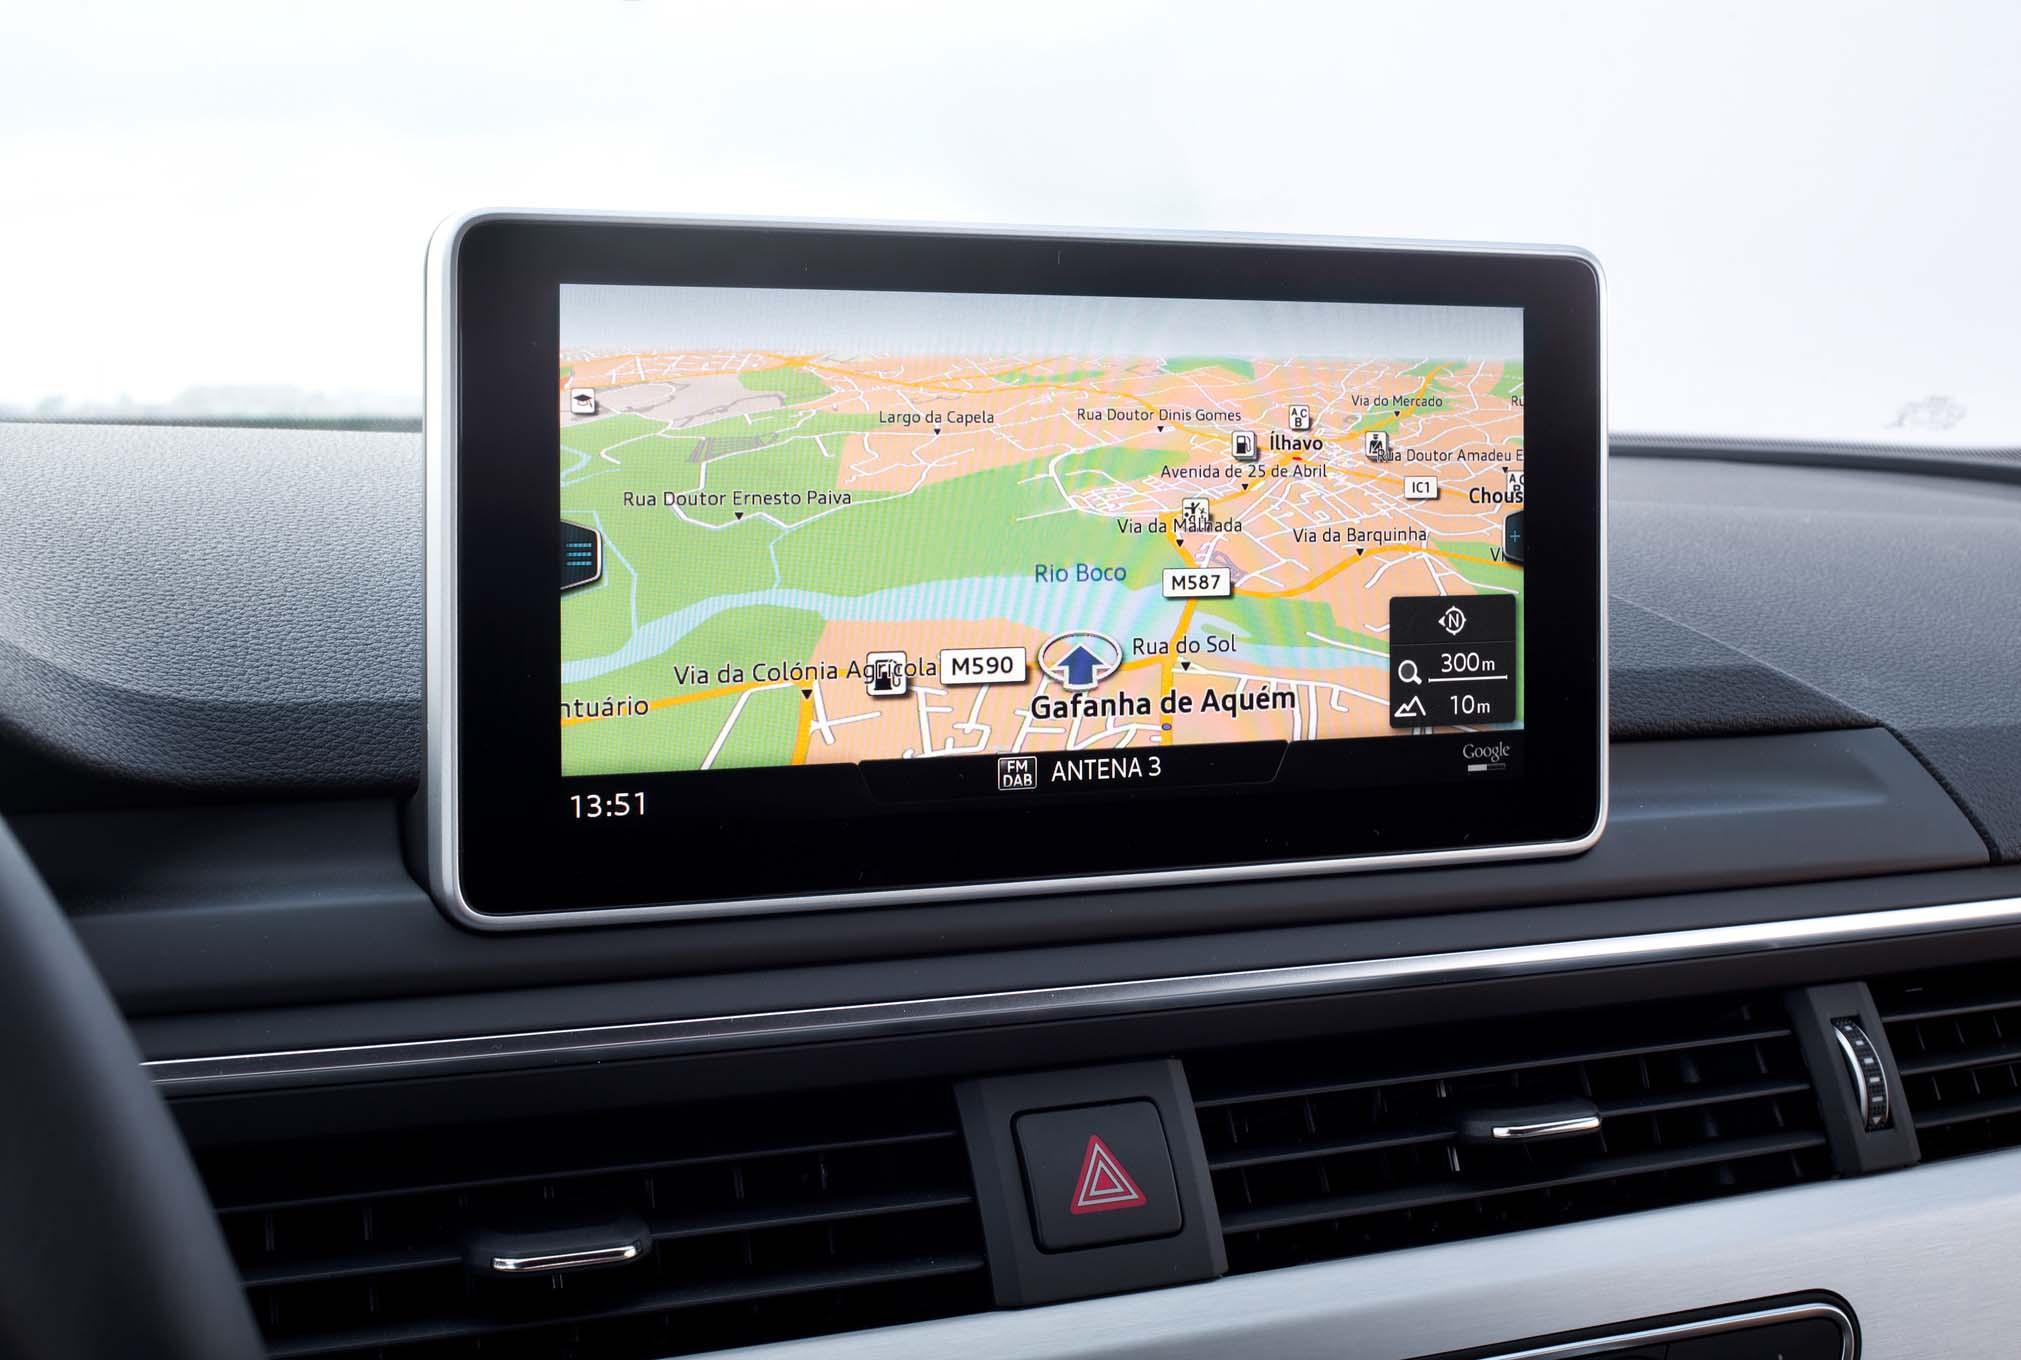 2018 audi navigation.  navigation show more intended 2018 audi navigation a